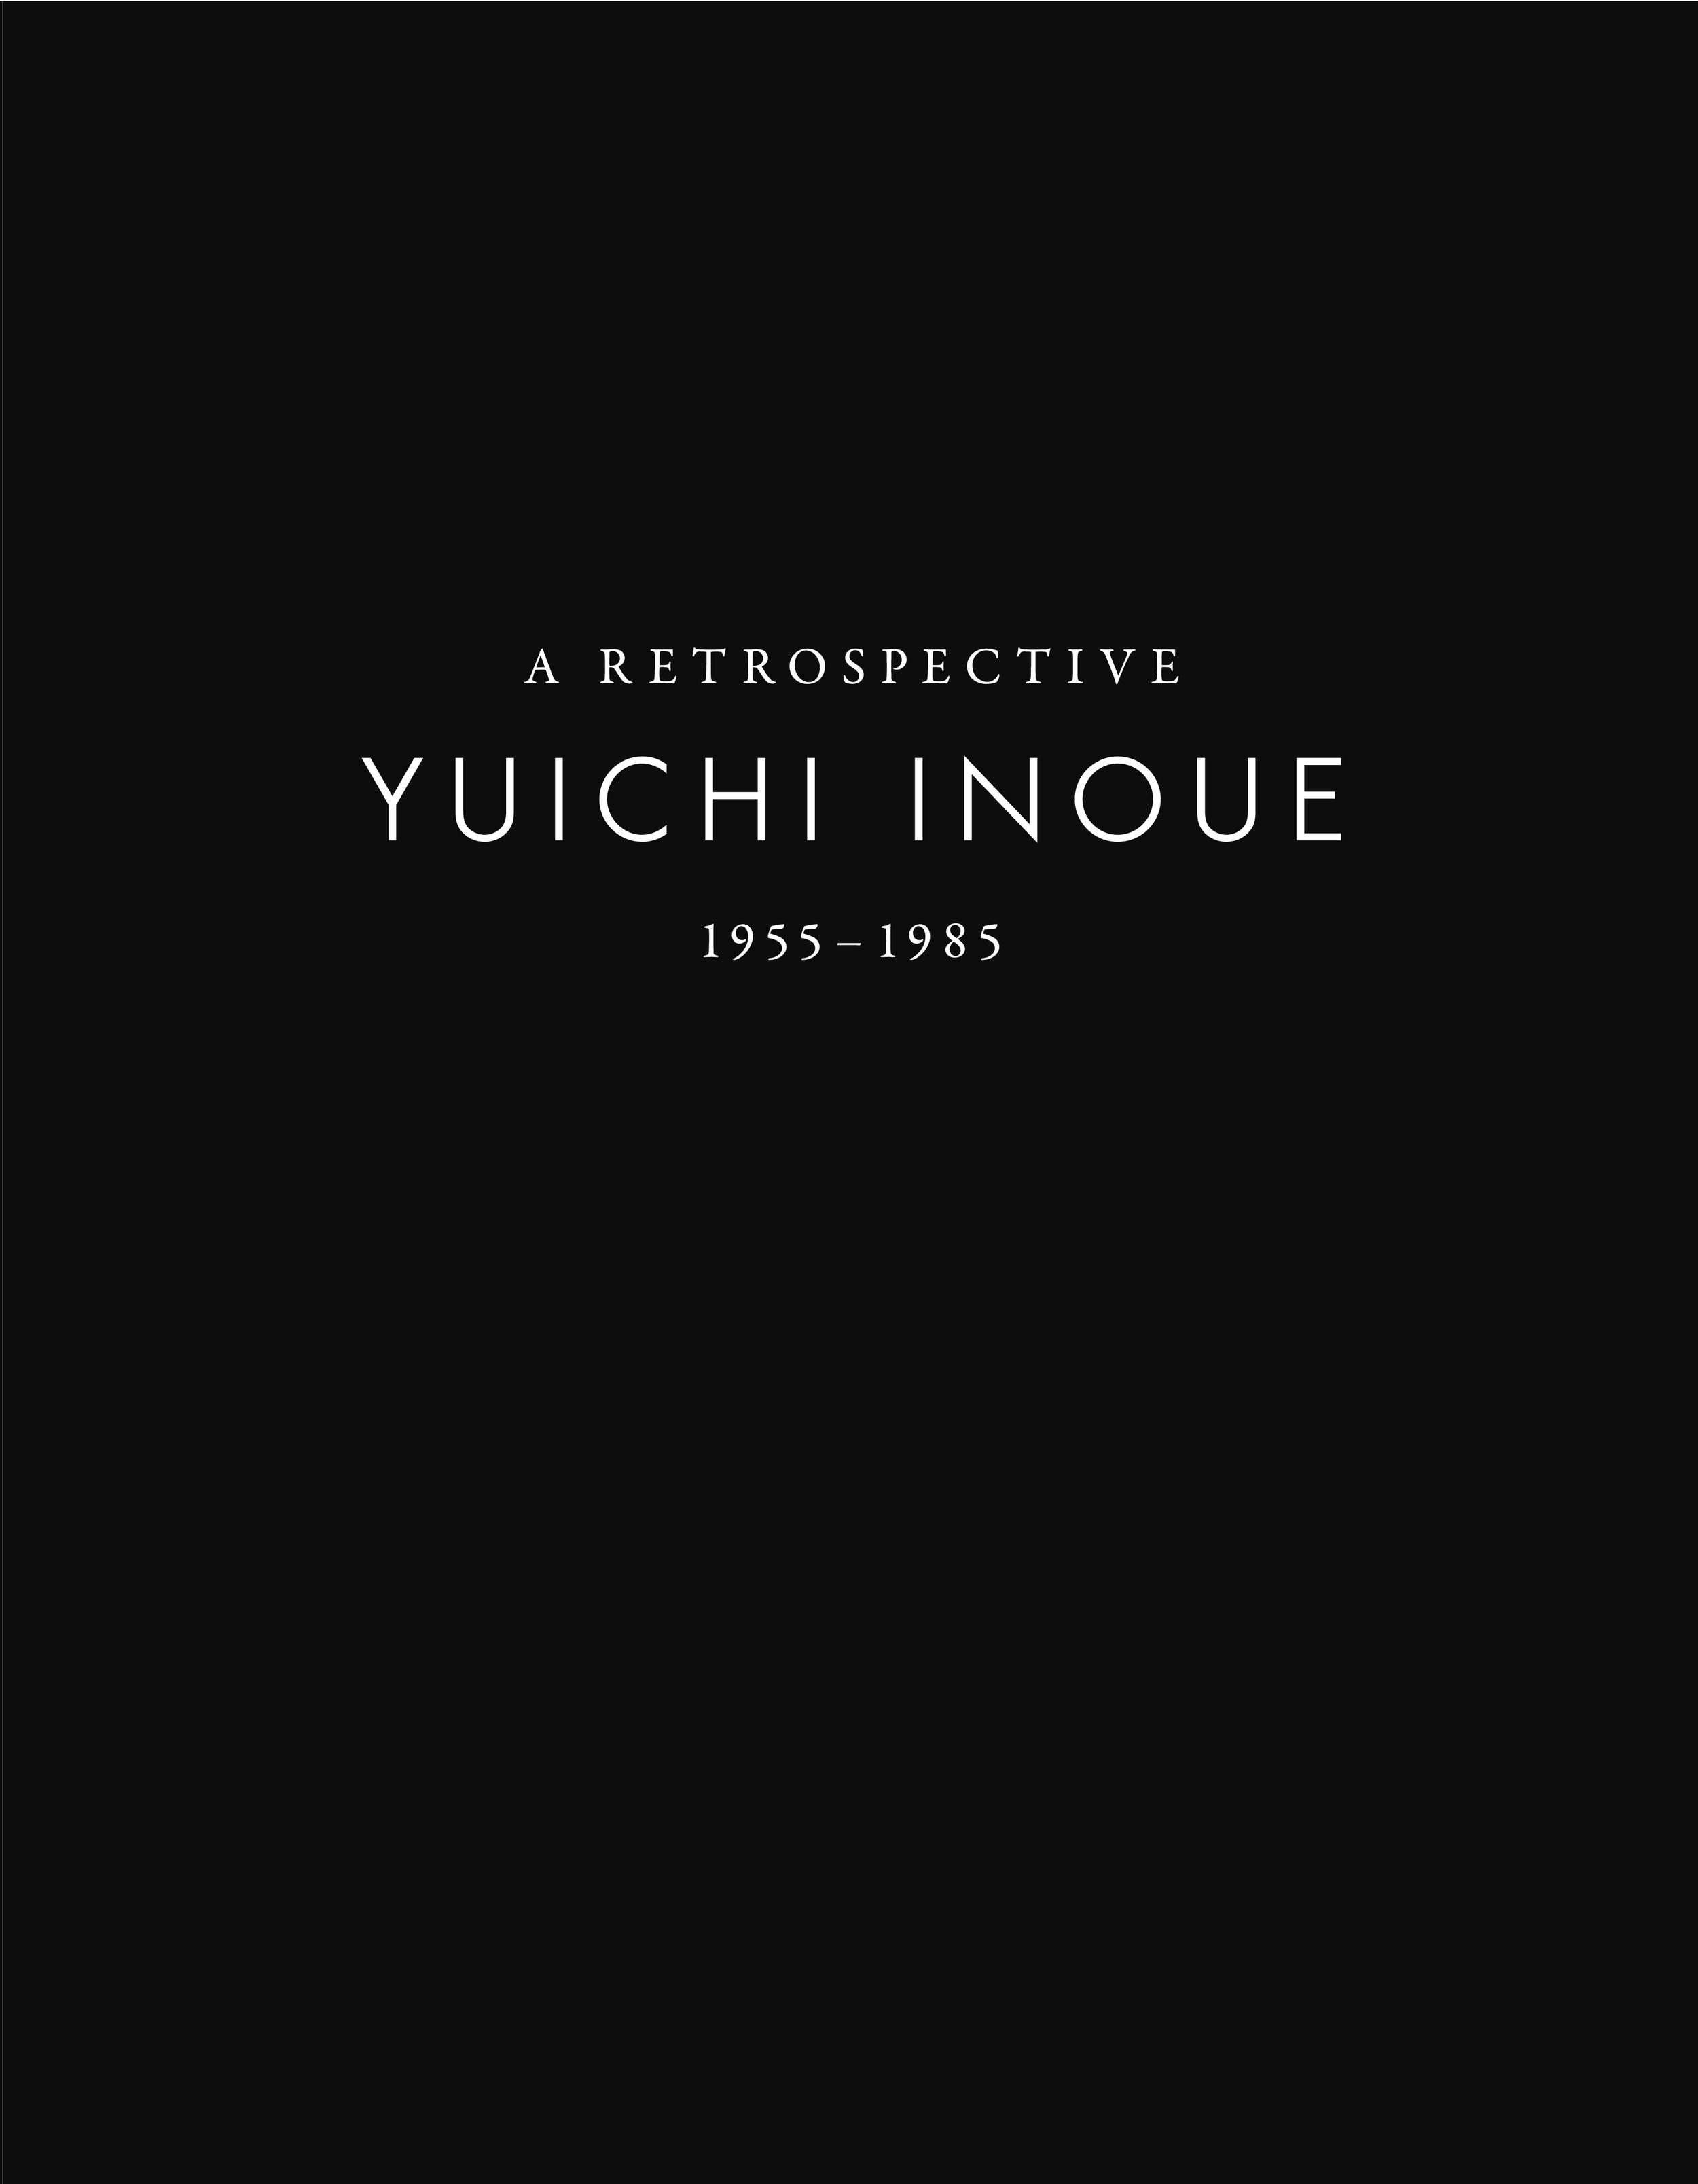 Catalog_21stcentury_YuichiInoue_2016